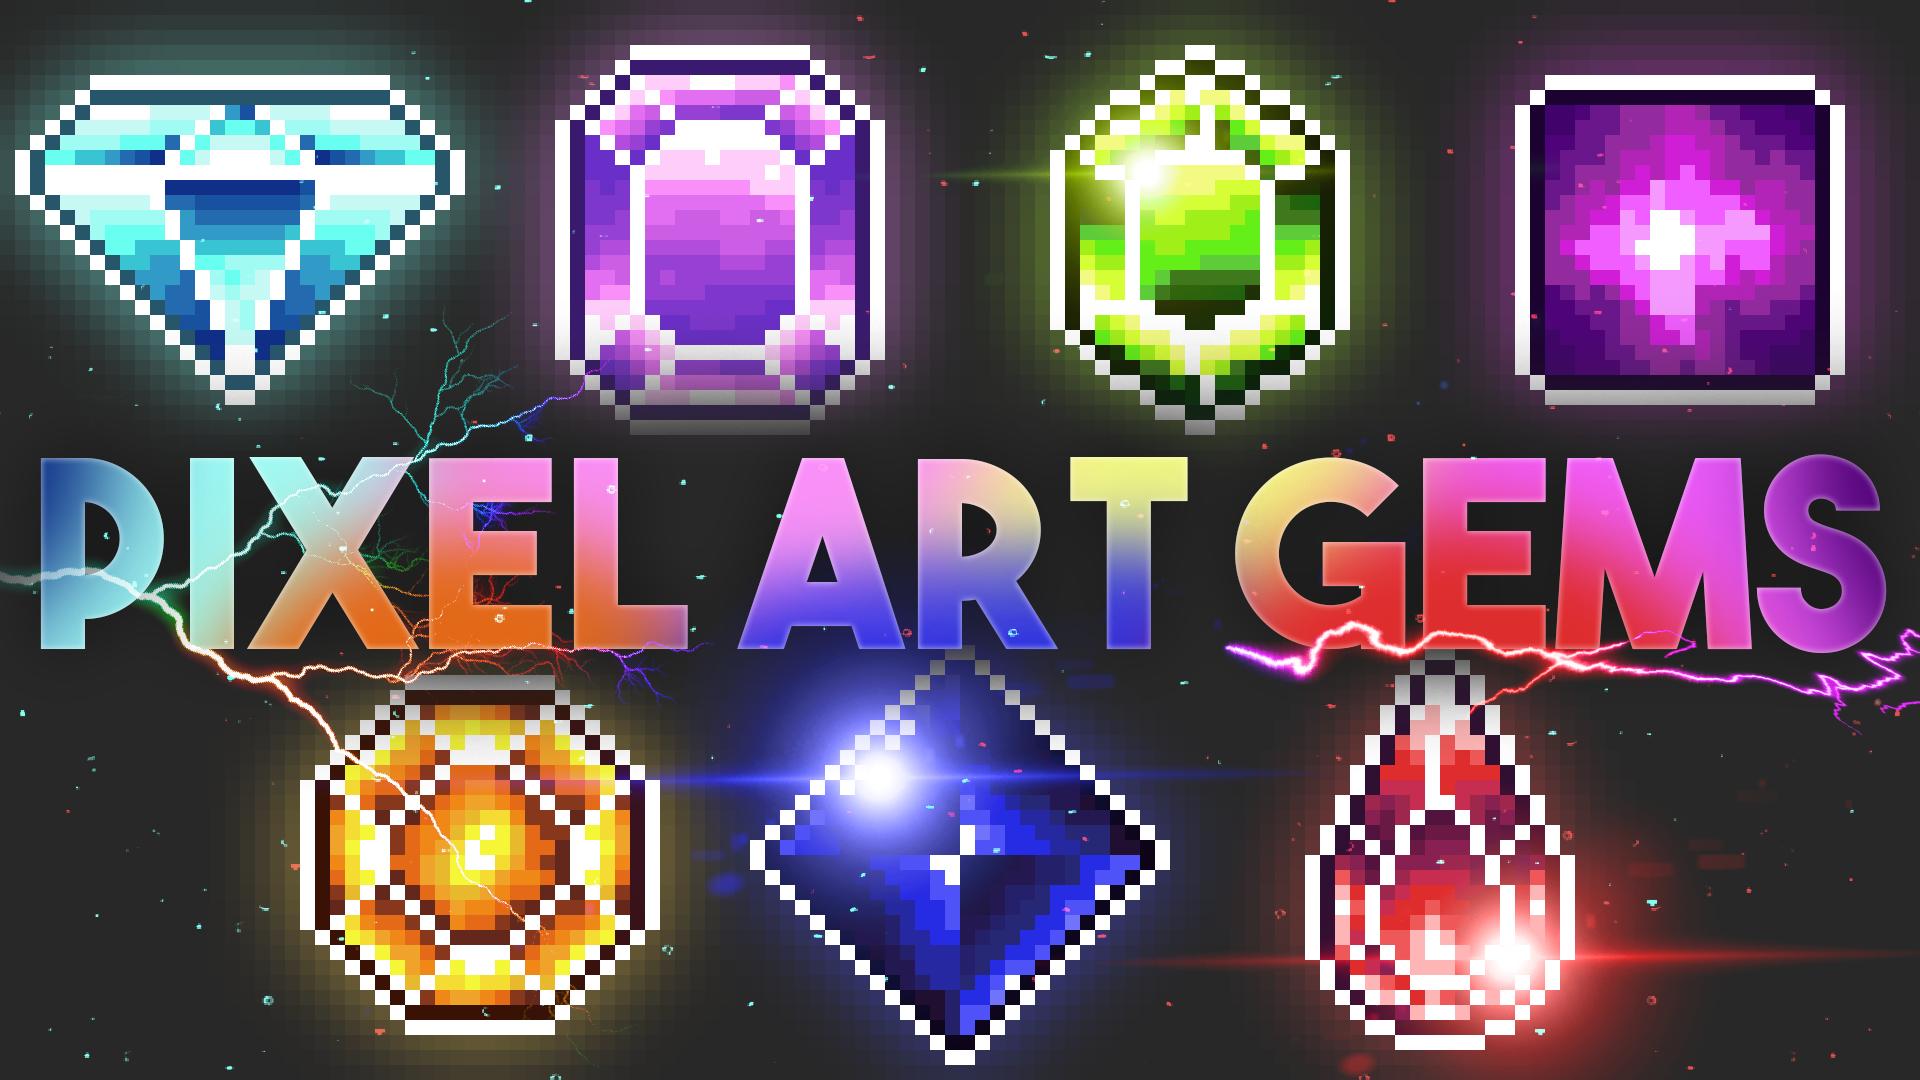 Pixel Art Gems/Crystals